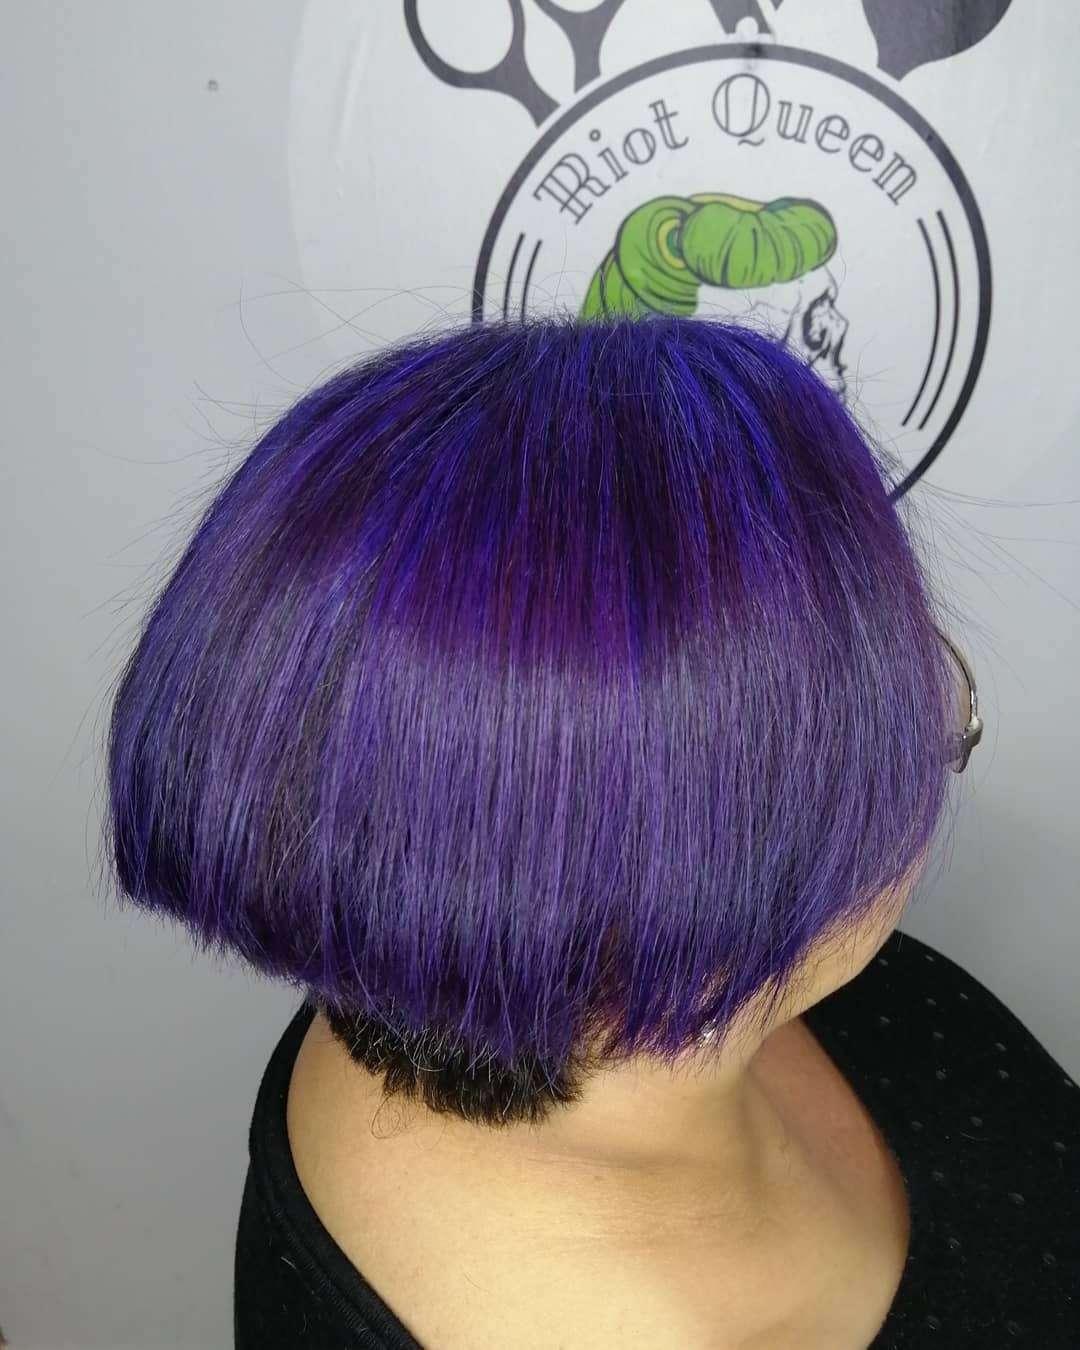 damska fryzura na grzybka